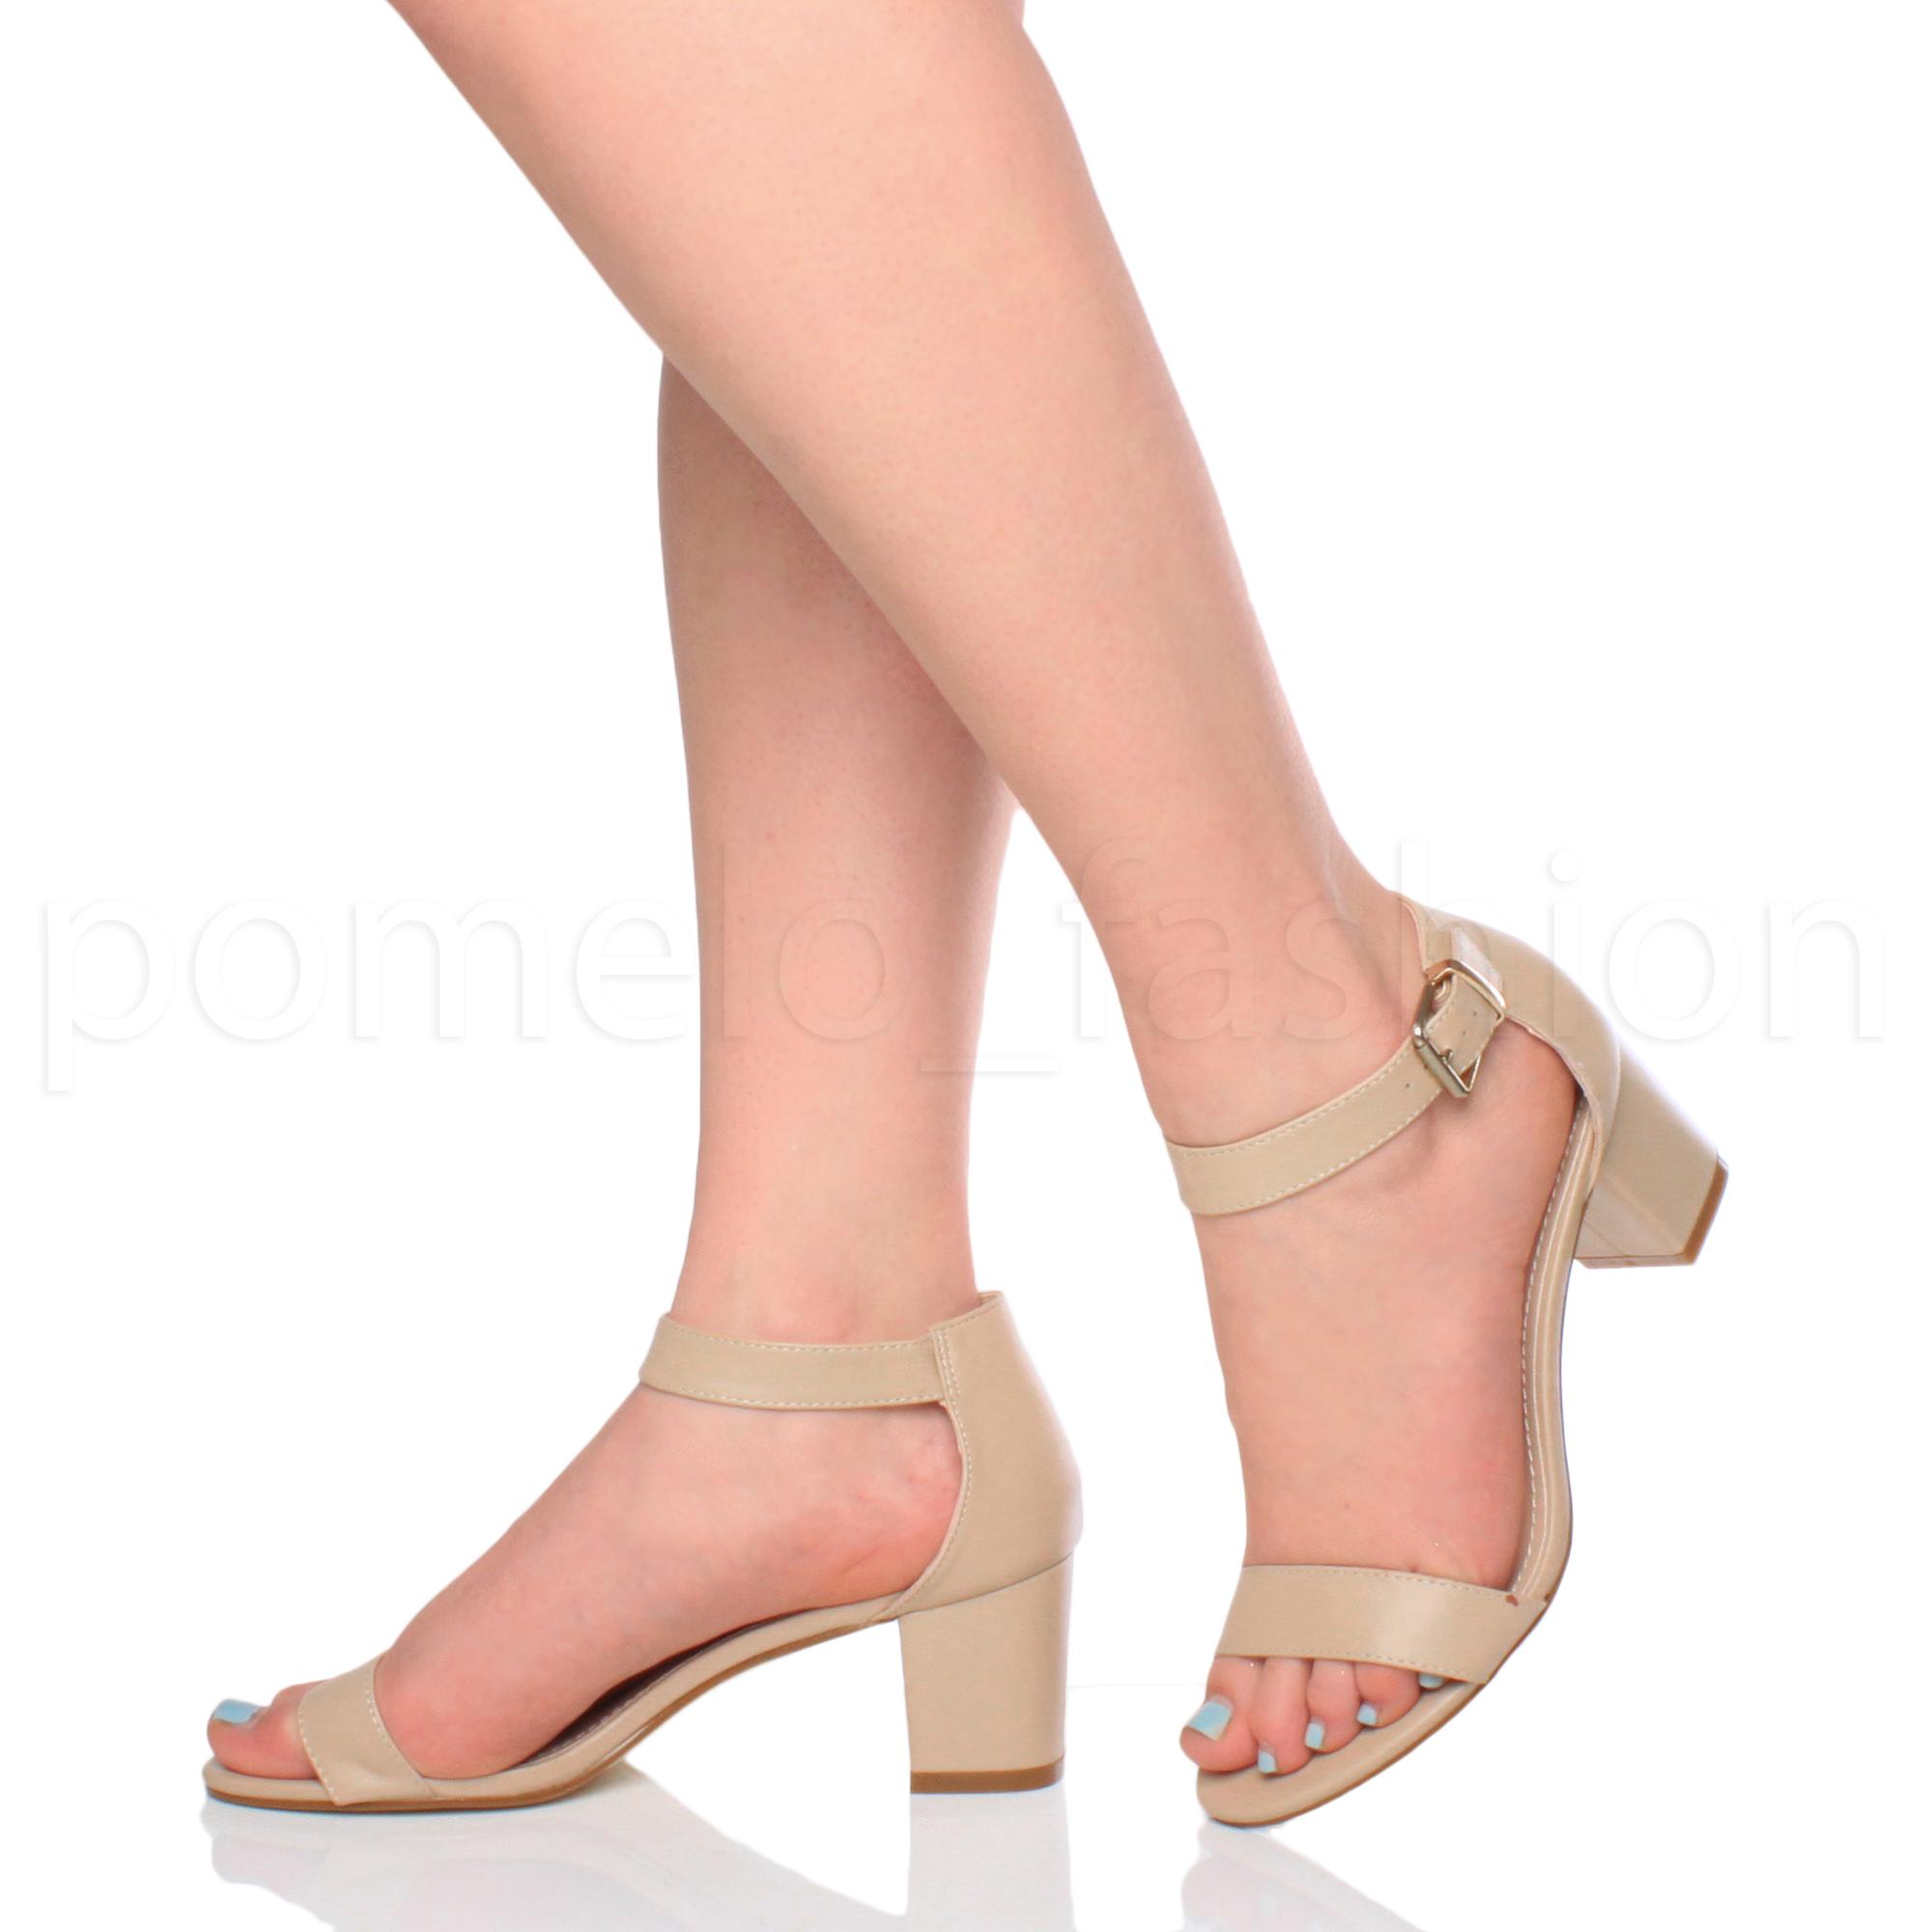 Womens La s Low Mid Heel Buckle Ankle Strap PEEP Toe Party